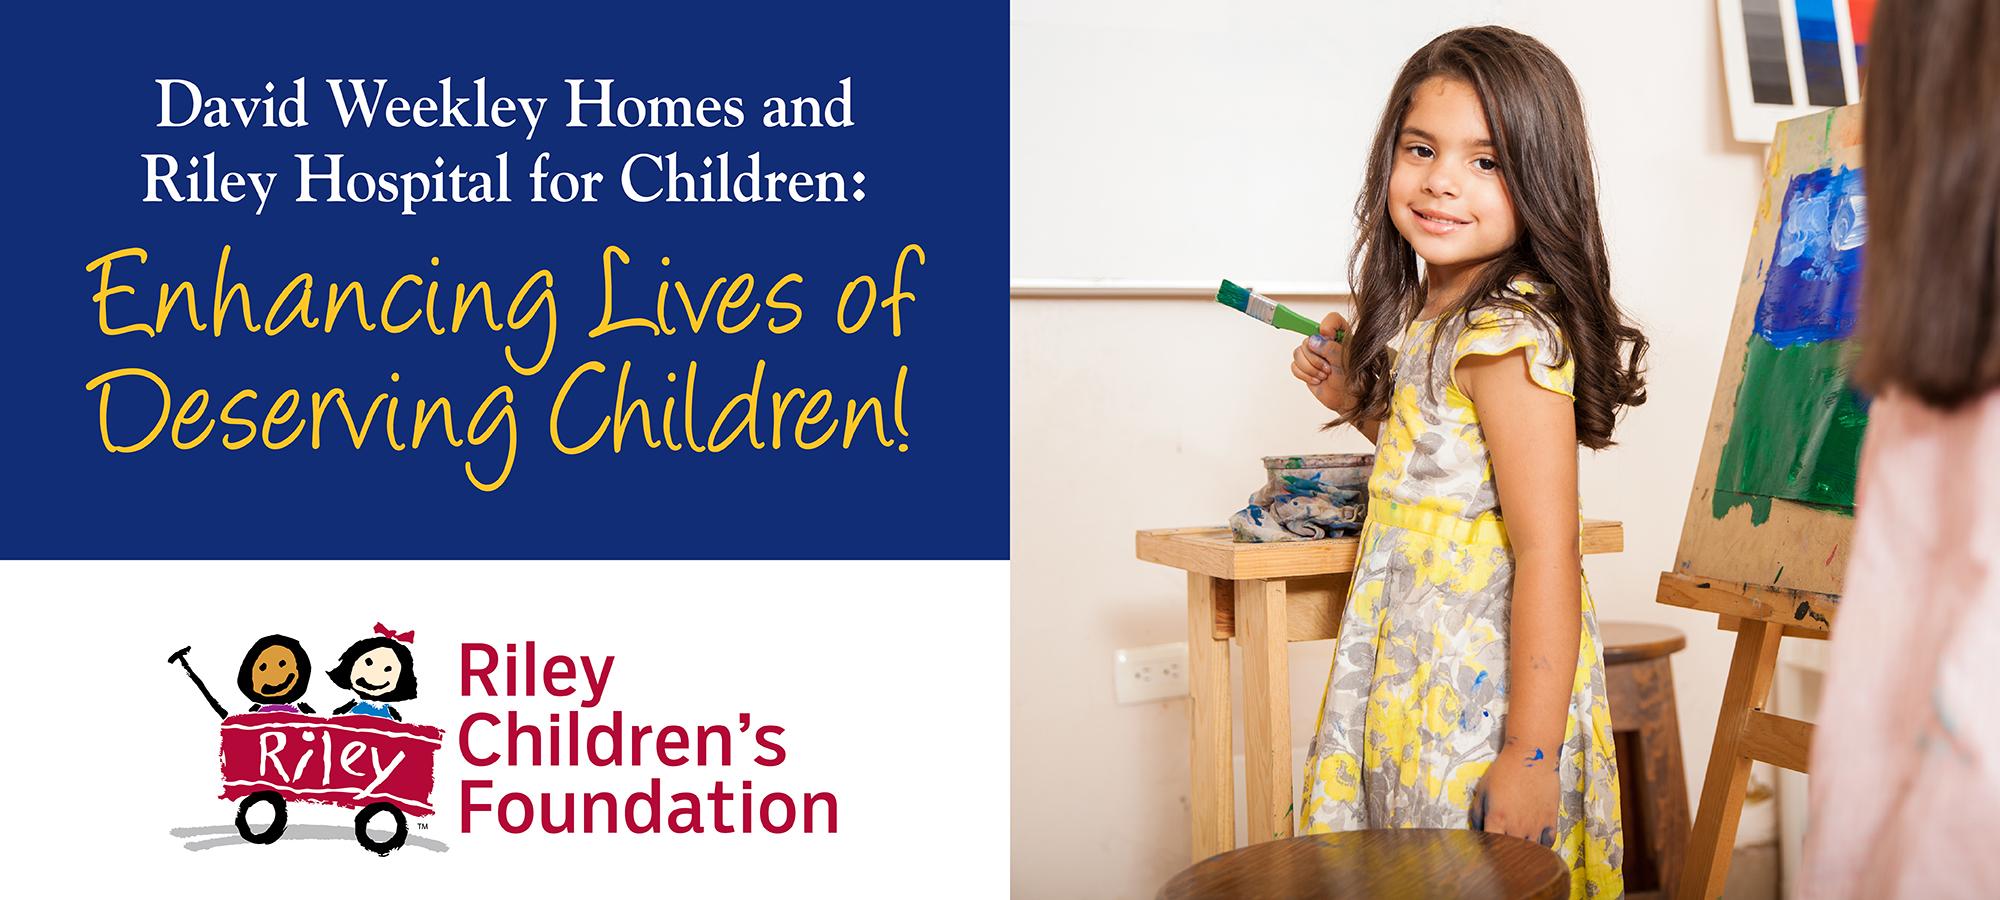 Enhancing Lives of Deserving Children at Riley Hospital for Children